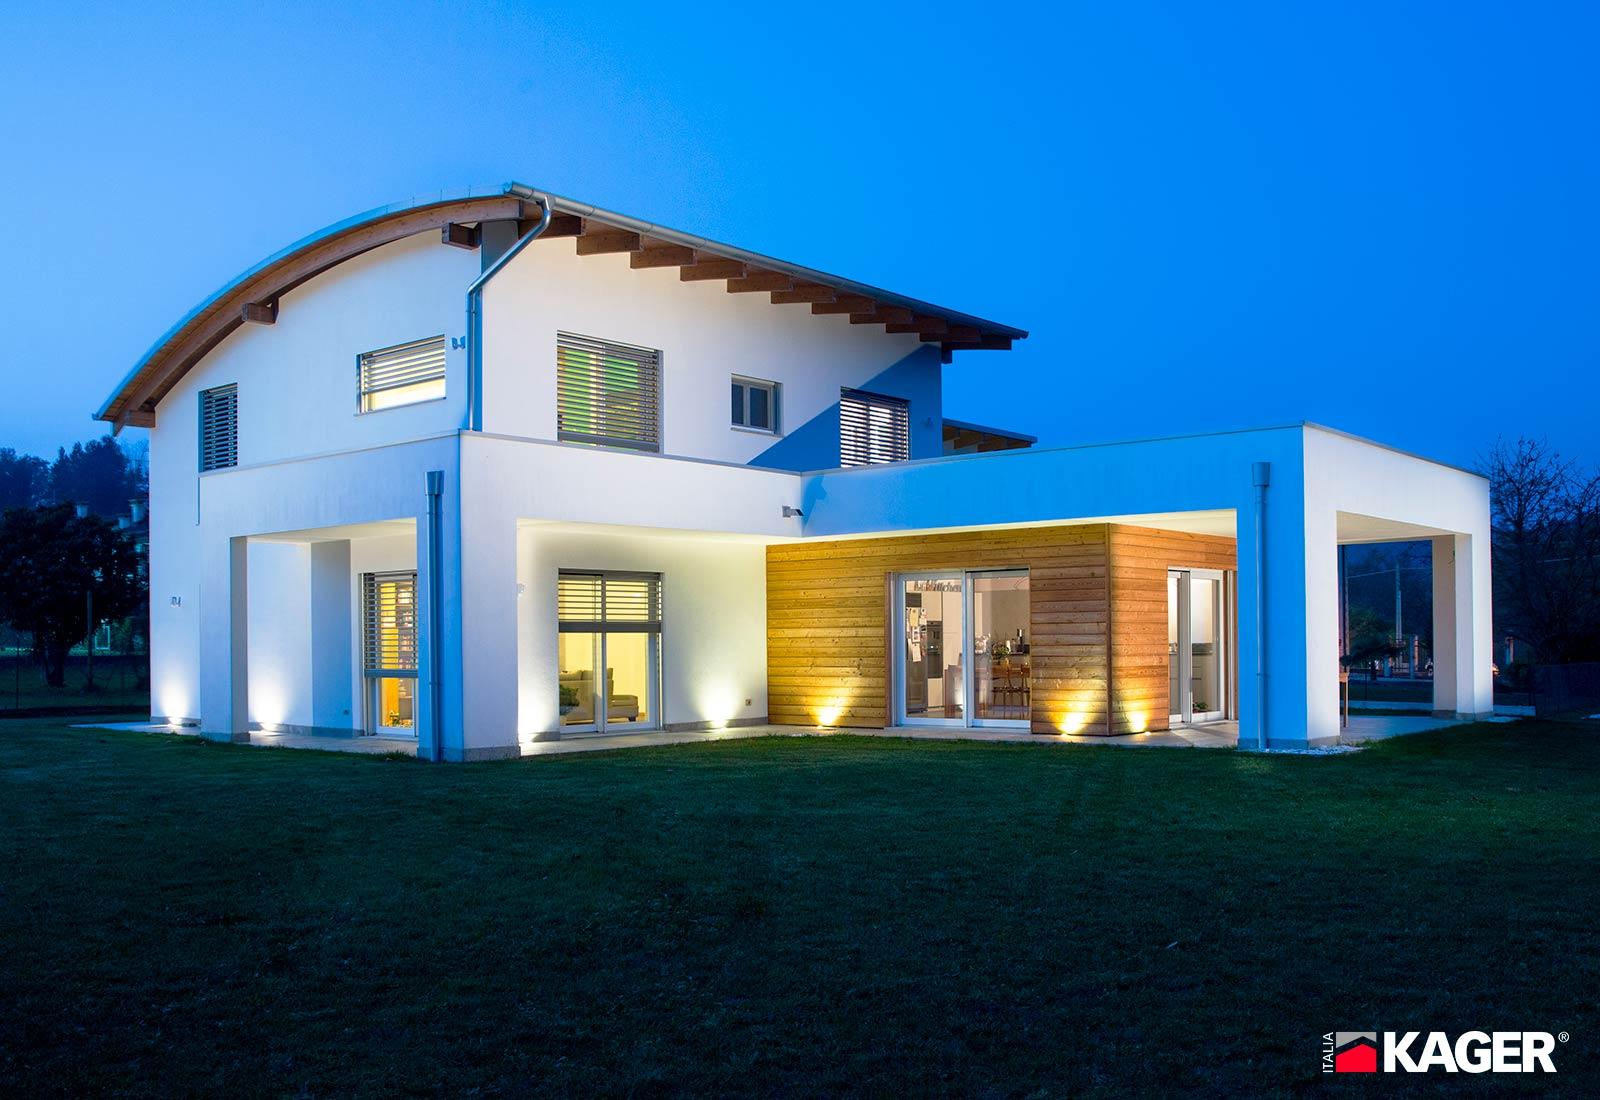 Casa-in-legno-Brebbia-Kager-Italia-015